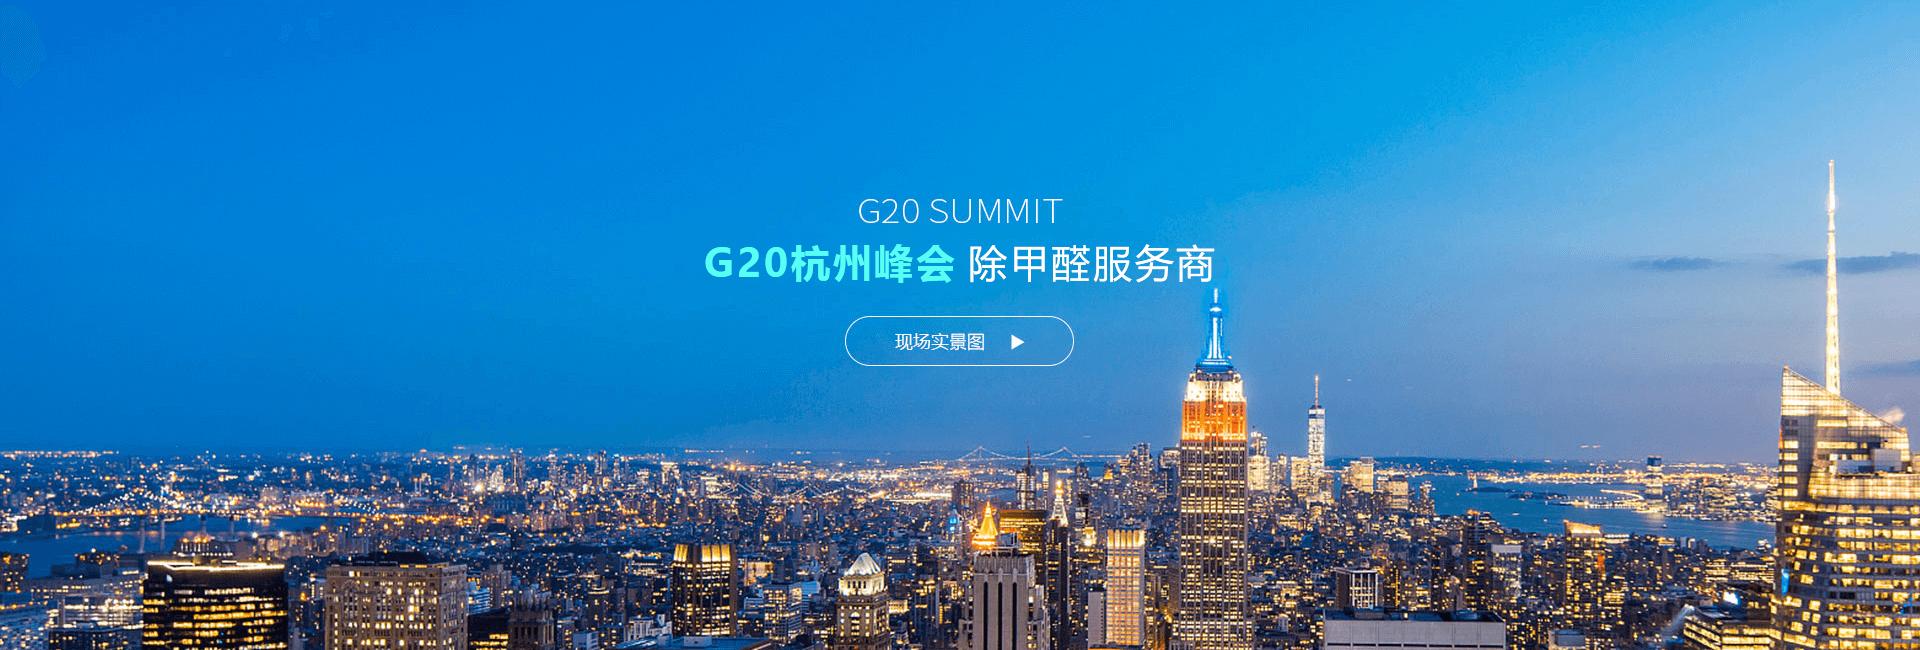 G20峰会优质除甲醛企业